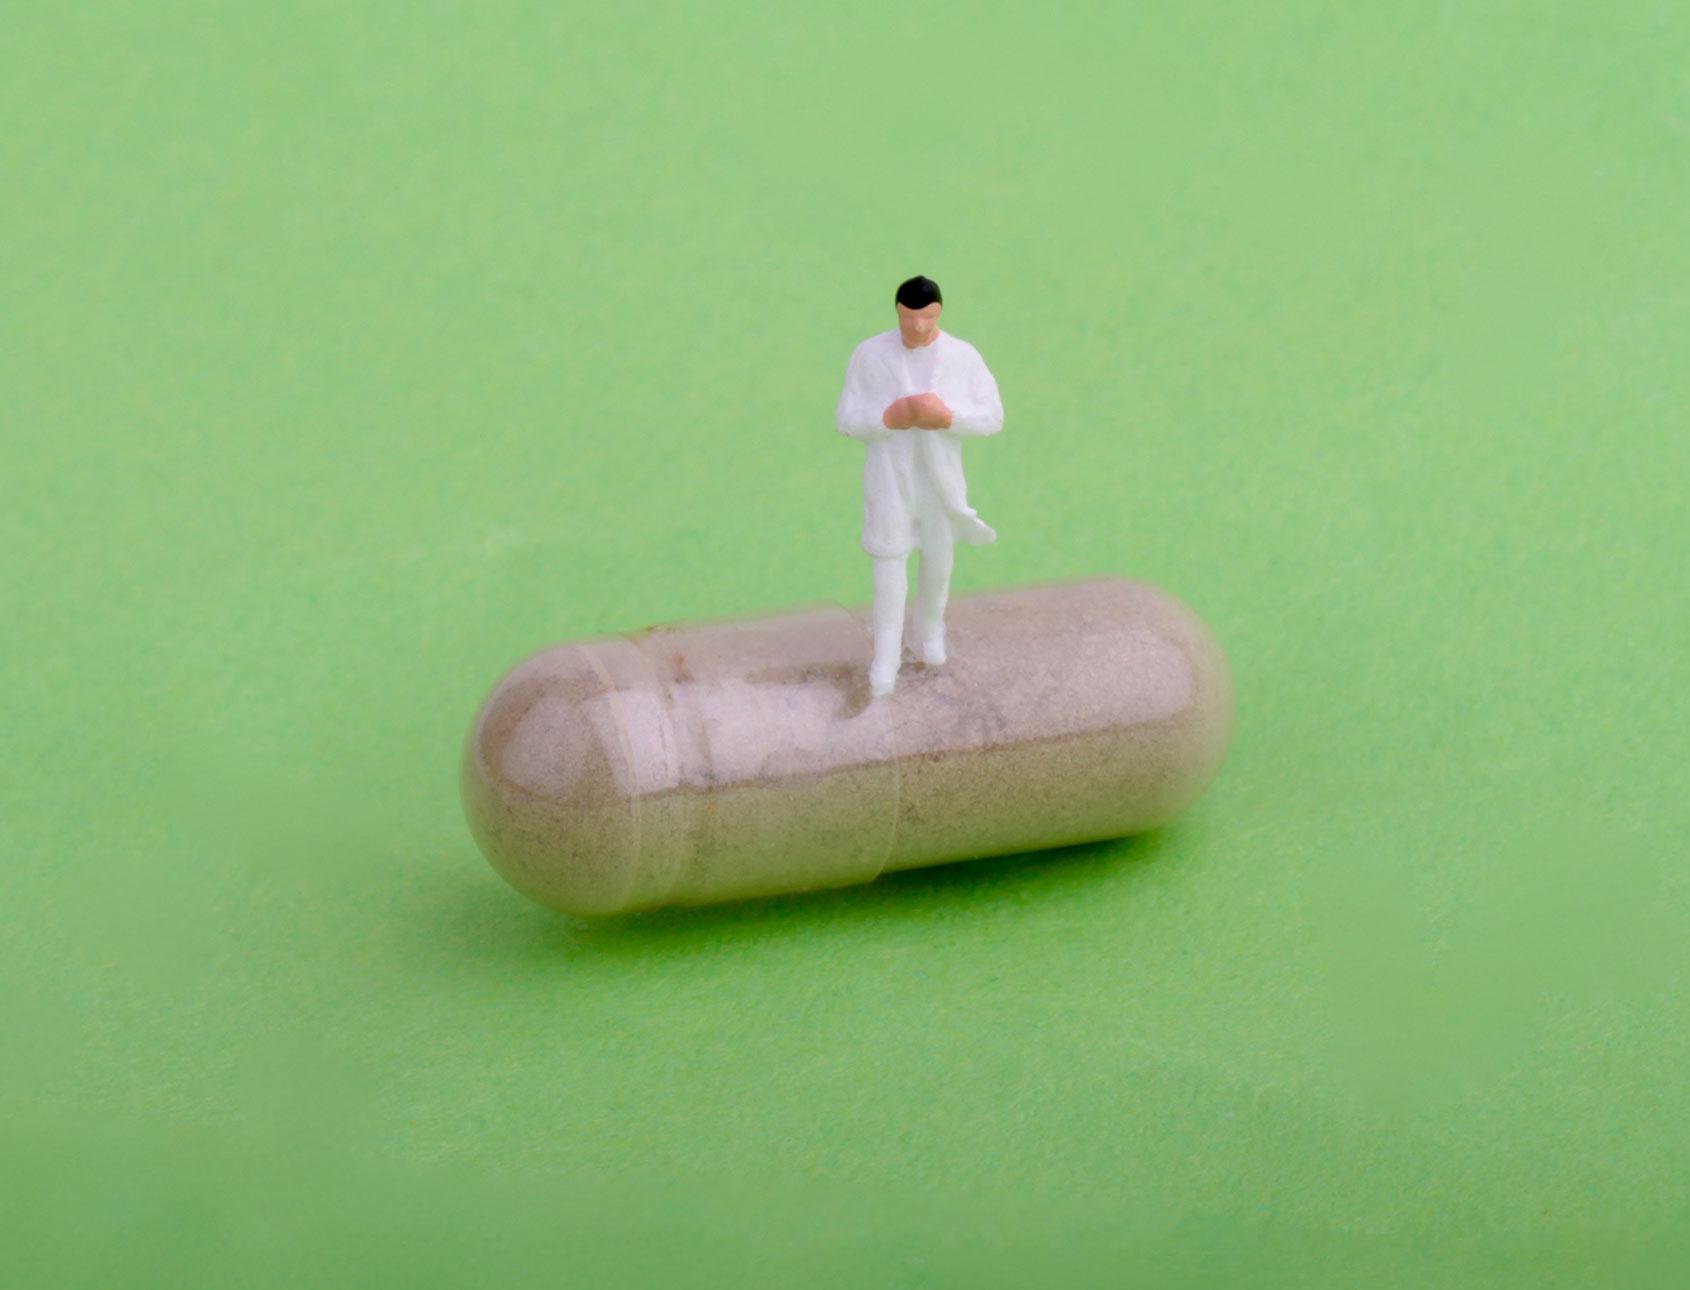 Marketing farmaceutico e parafarmaceutico: le tendenze 2018